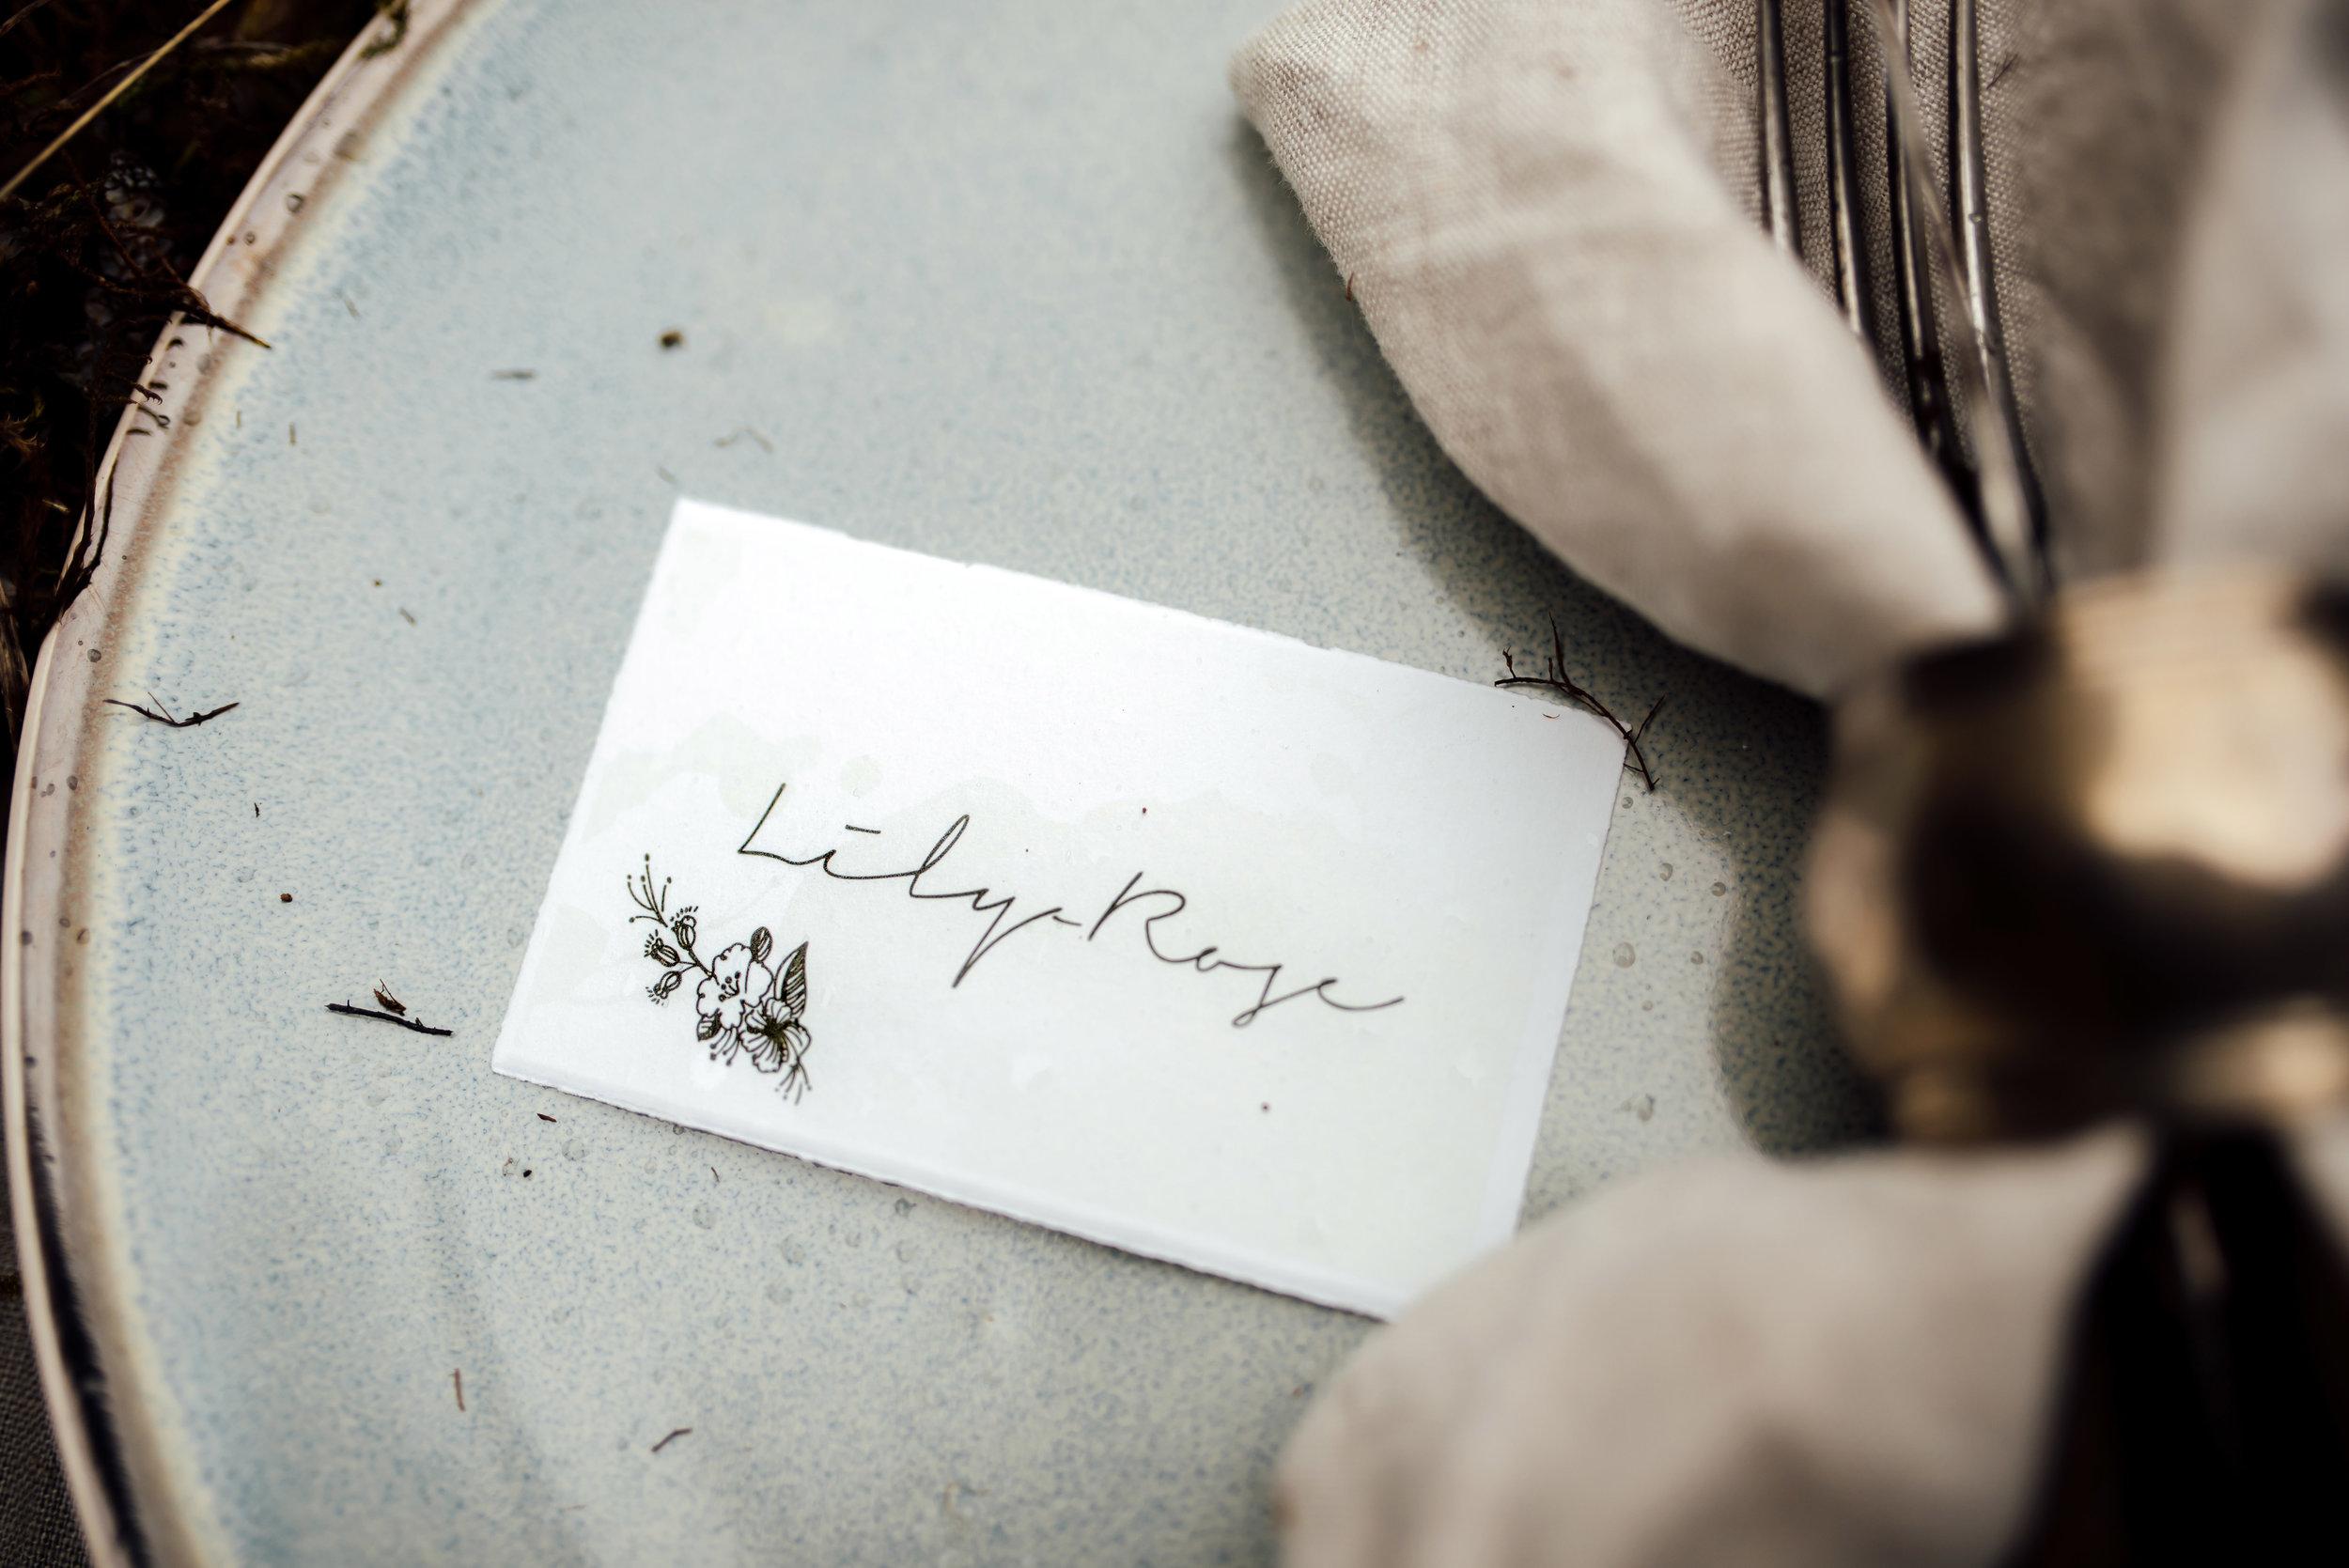 ODIZAFOTOGRAFIE Marscha van Druuten  STYLING: Events by C'est la Vie